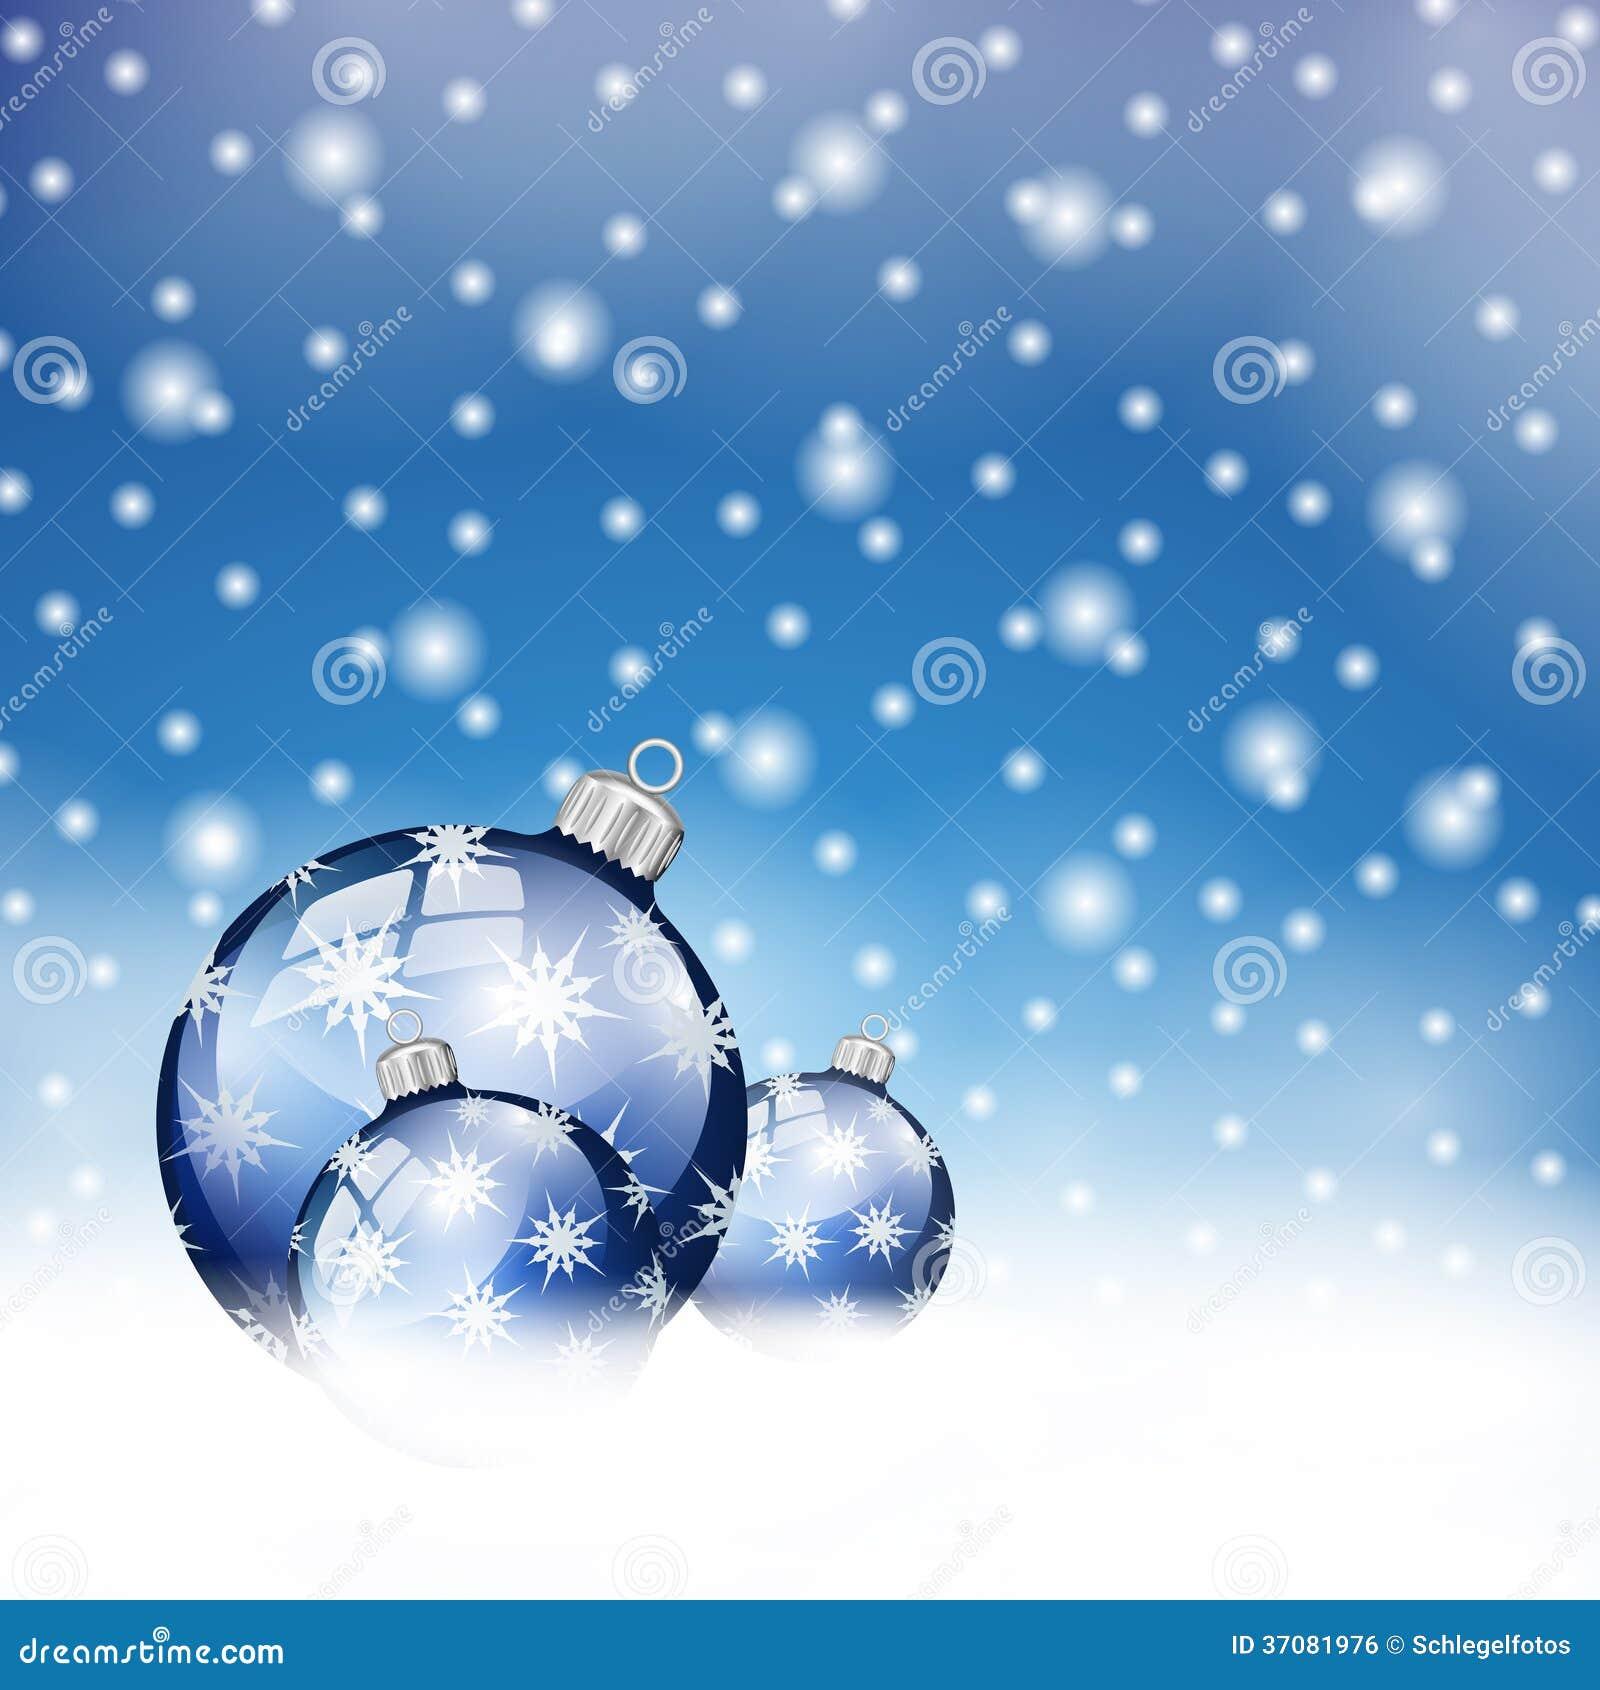 Download Błękitne Boże Narodzenie Piłki W śniegu Ilustracji - Ilustracja złożonej z świąteczny, sfera: 37081976